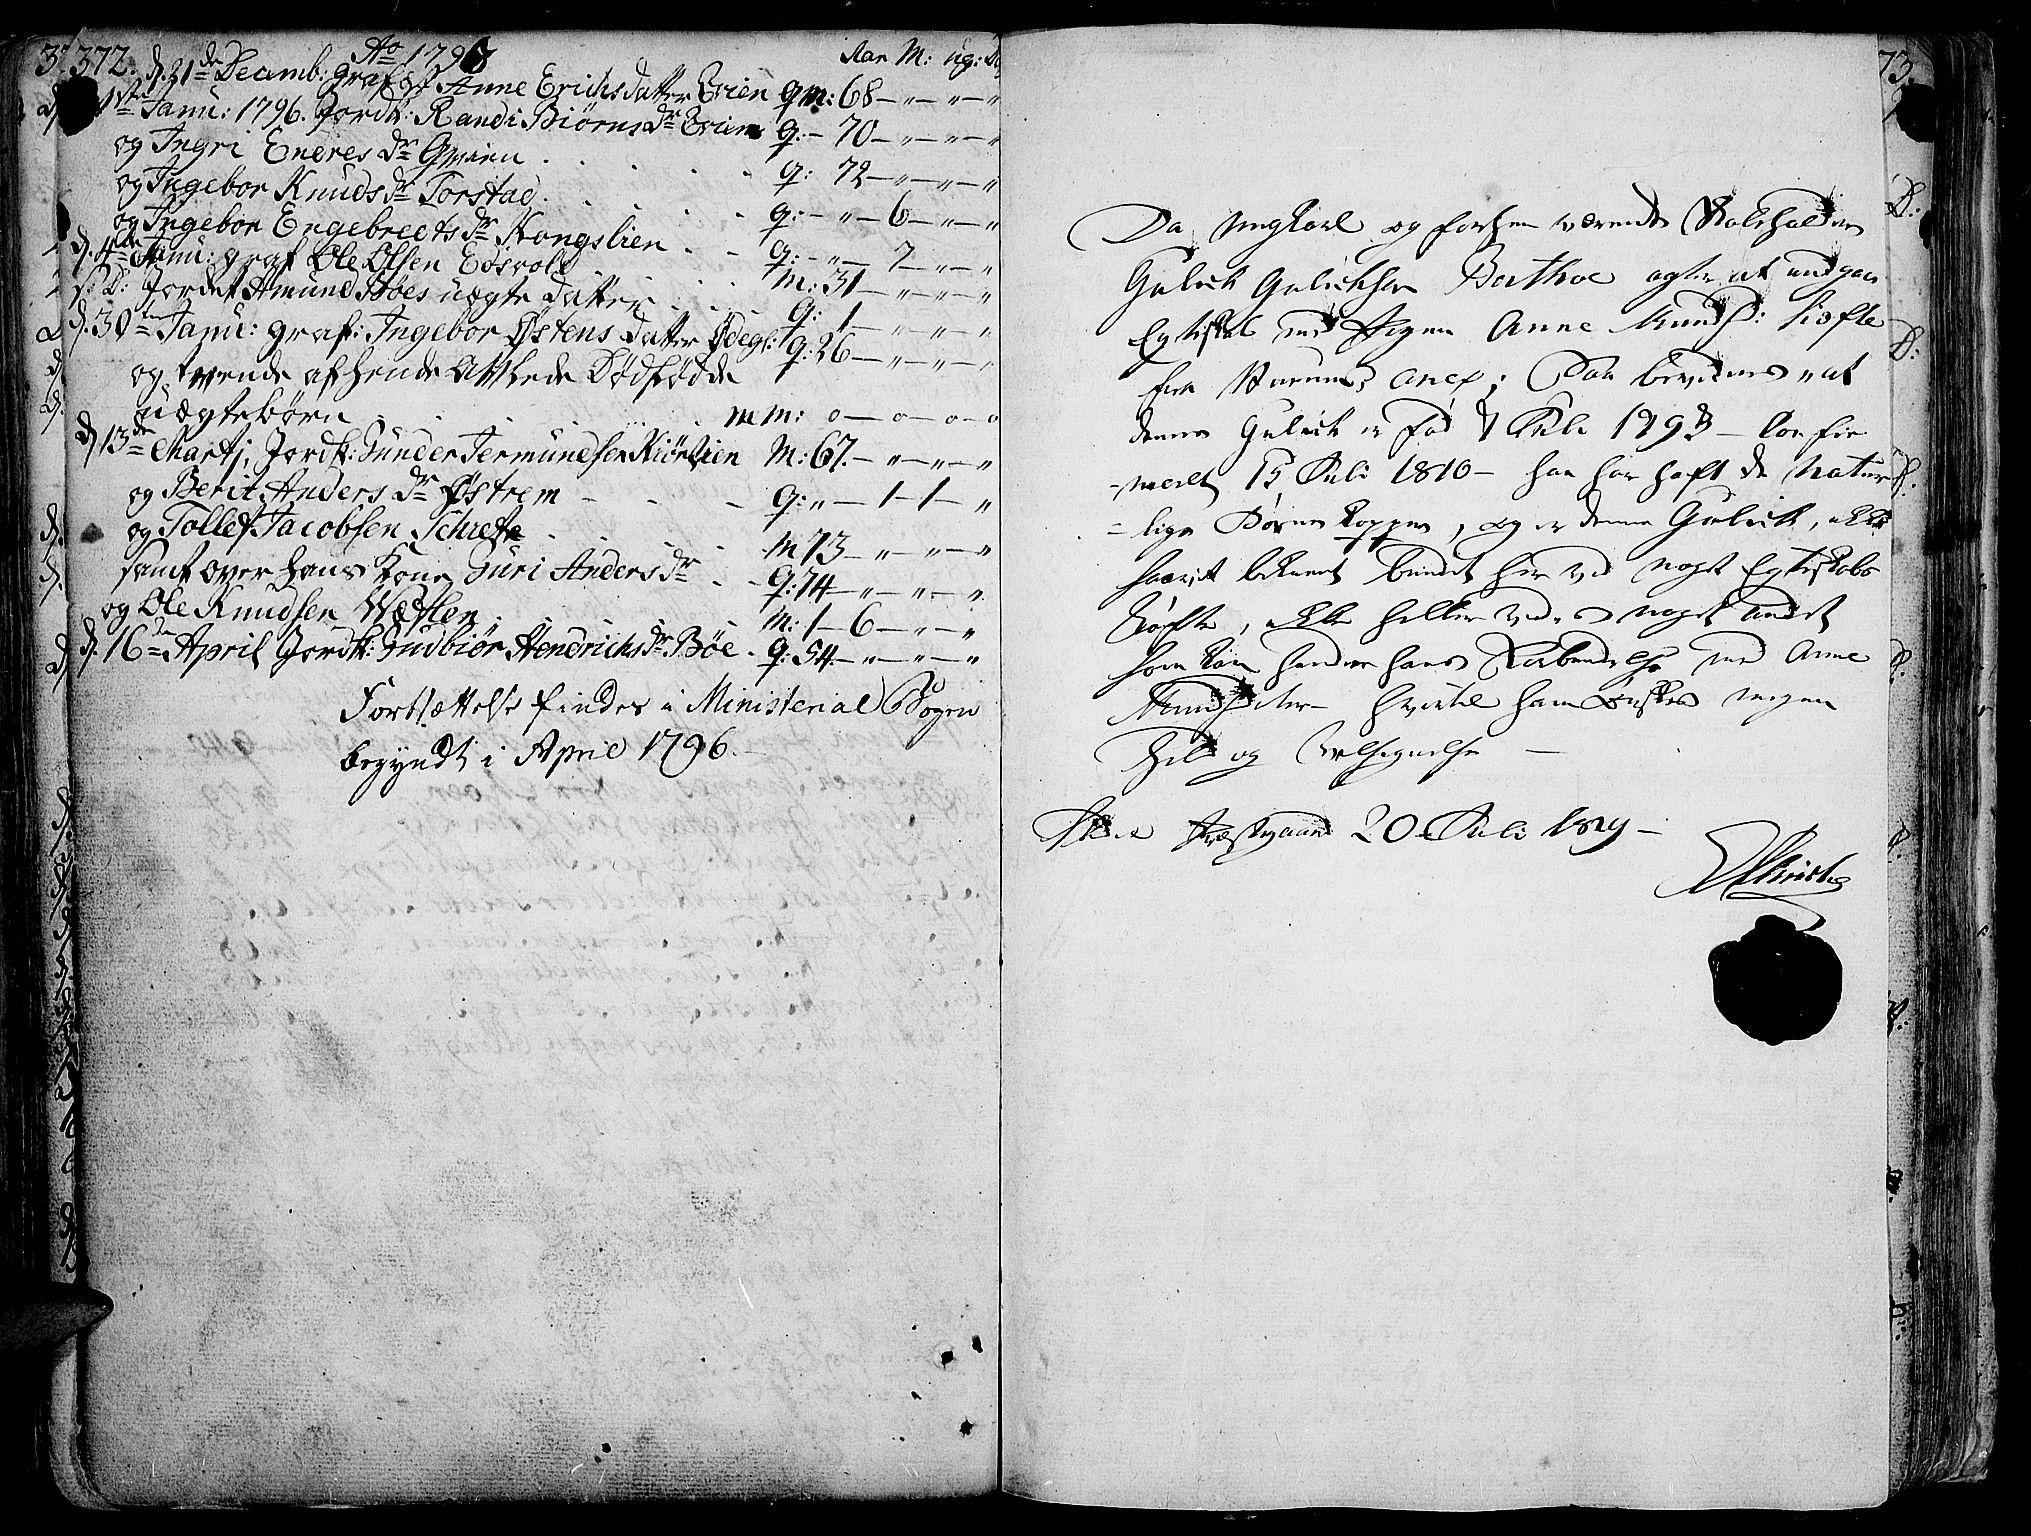 SAH, Vang prestekontor, Valdres, Ministerialbok nr. 1, 1730-1796, s. 372